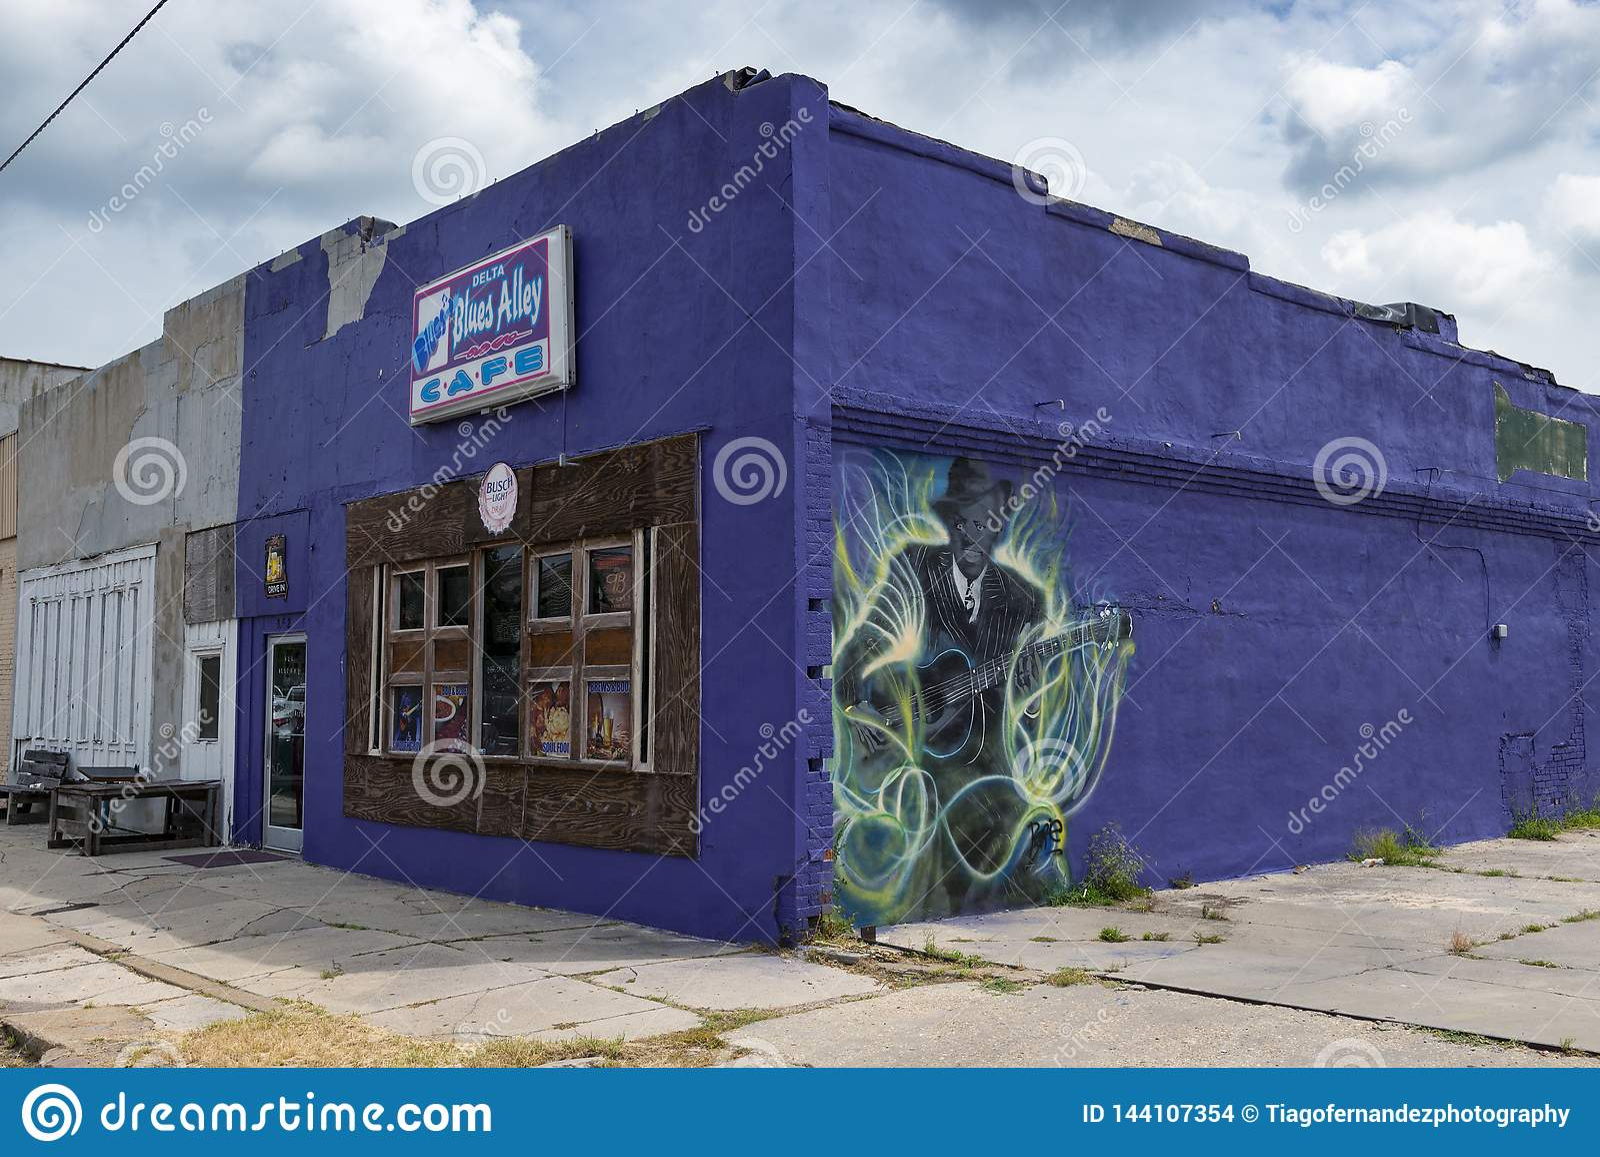 A fachada do café da aleia dos azuis do delta, com uma pintura mural de um guitarrist dos azuis, em Clarksdale, Mississippi